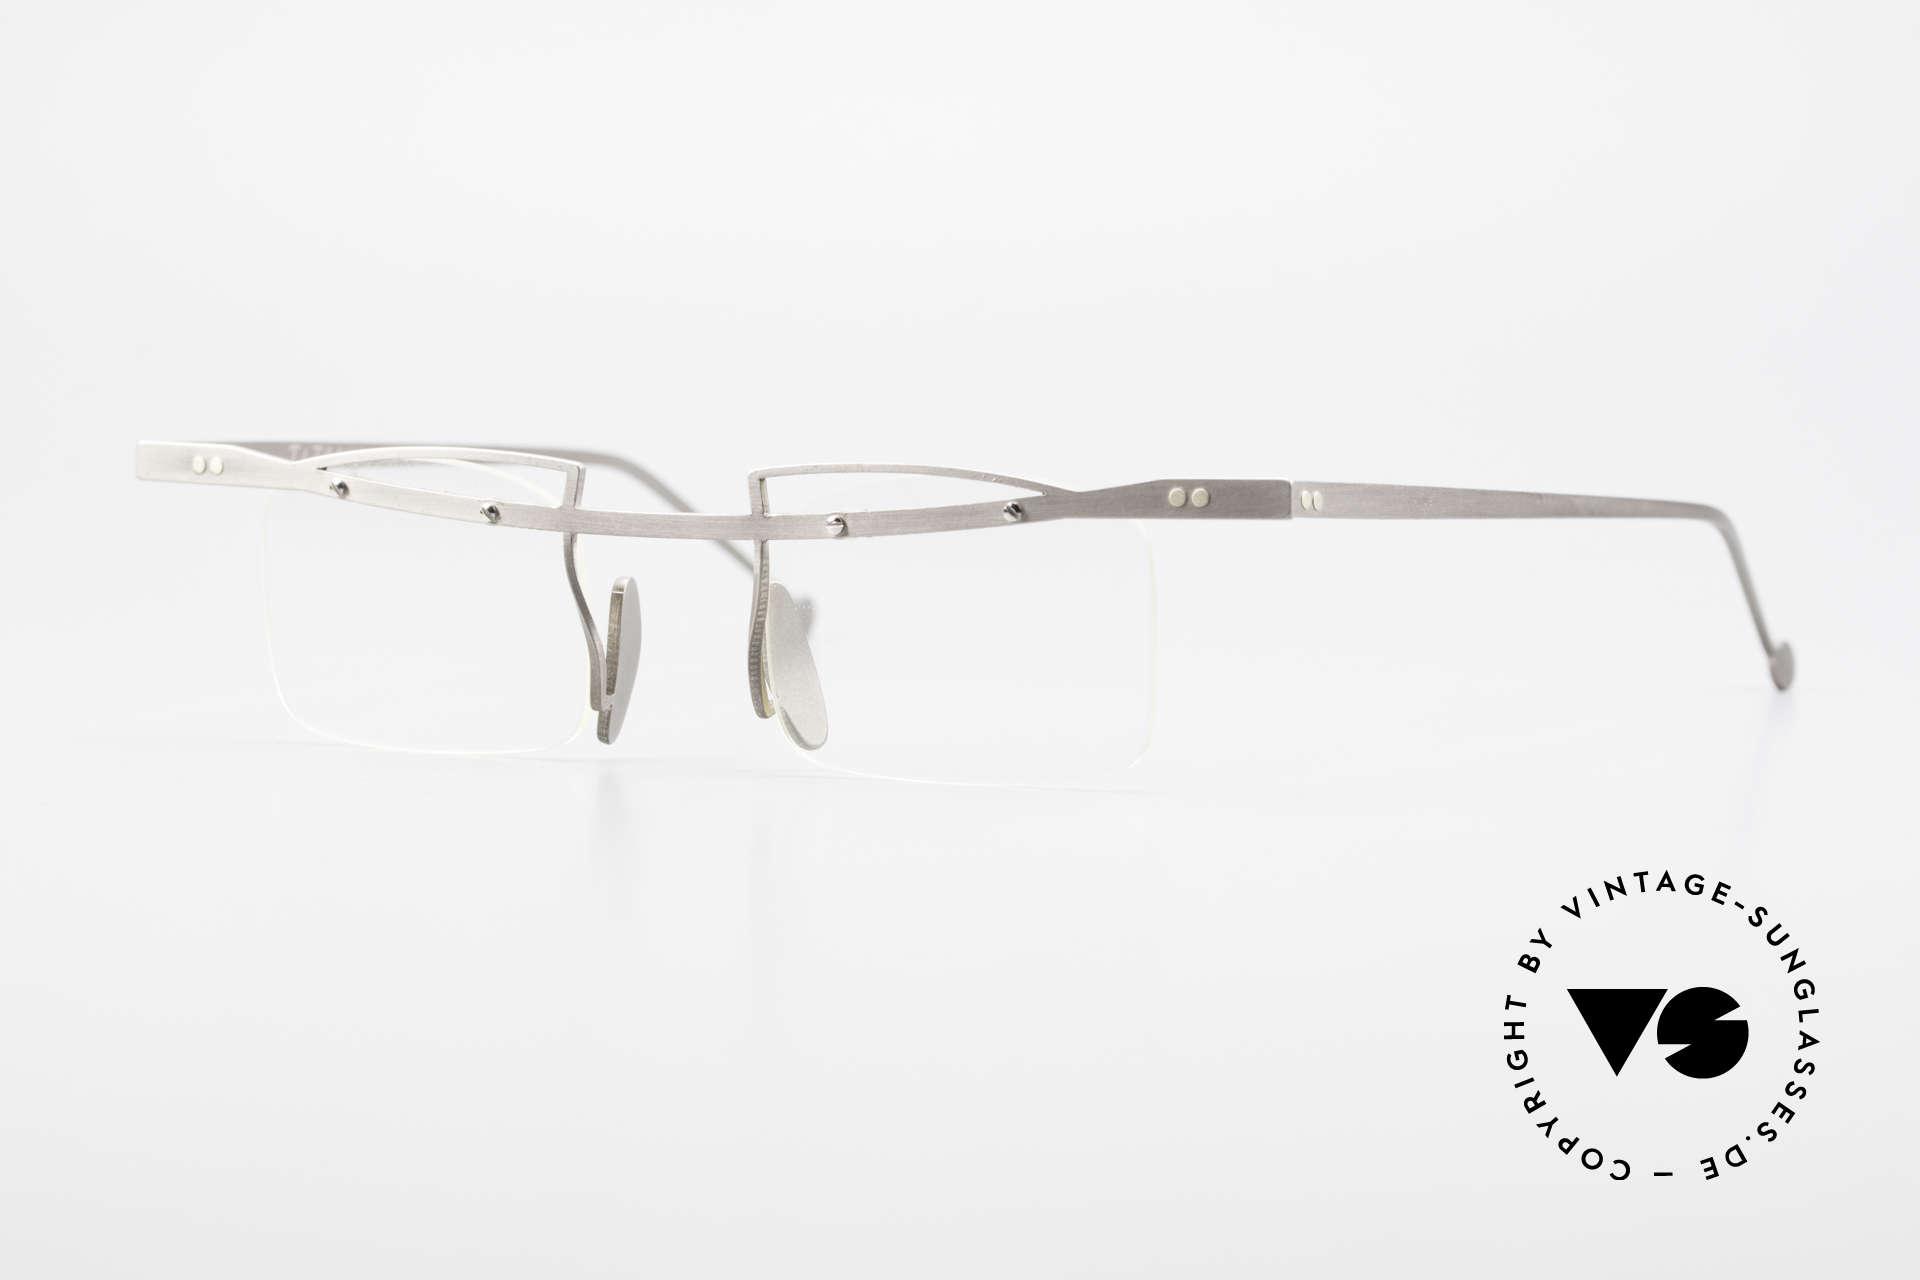 Rosenberger Franca Titan Brille Made in Bayern, interessante alte Brillenfassung von Rosenberger, Passend für Herren und Damen